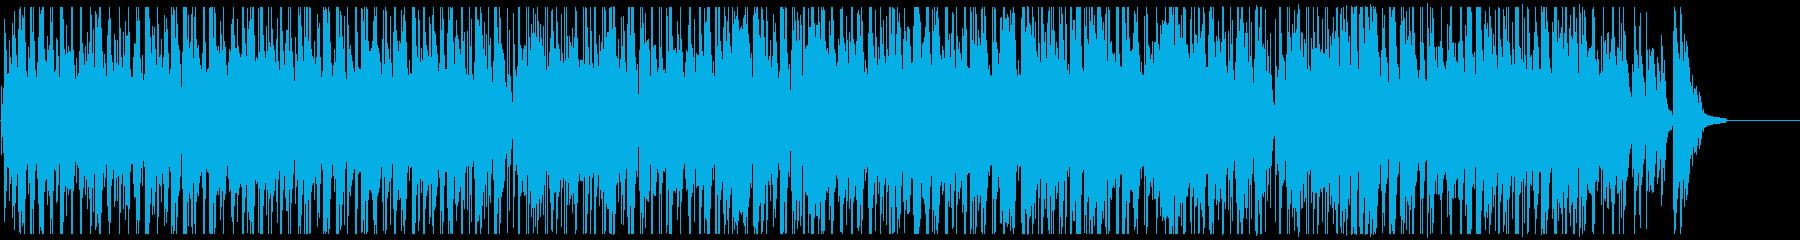 カフェやバーで流れるリラックスジャズの再生済みの波形